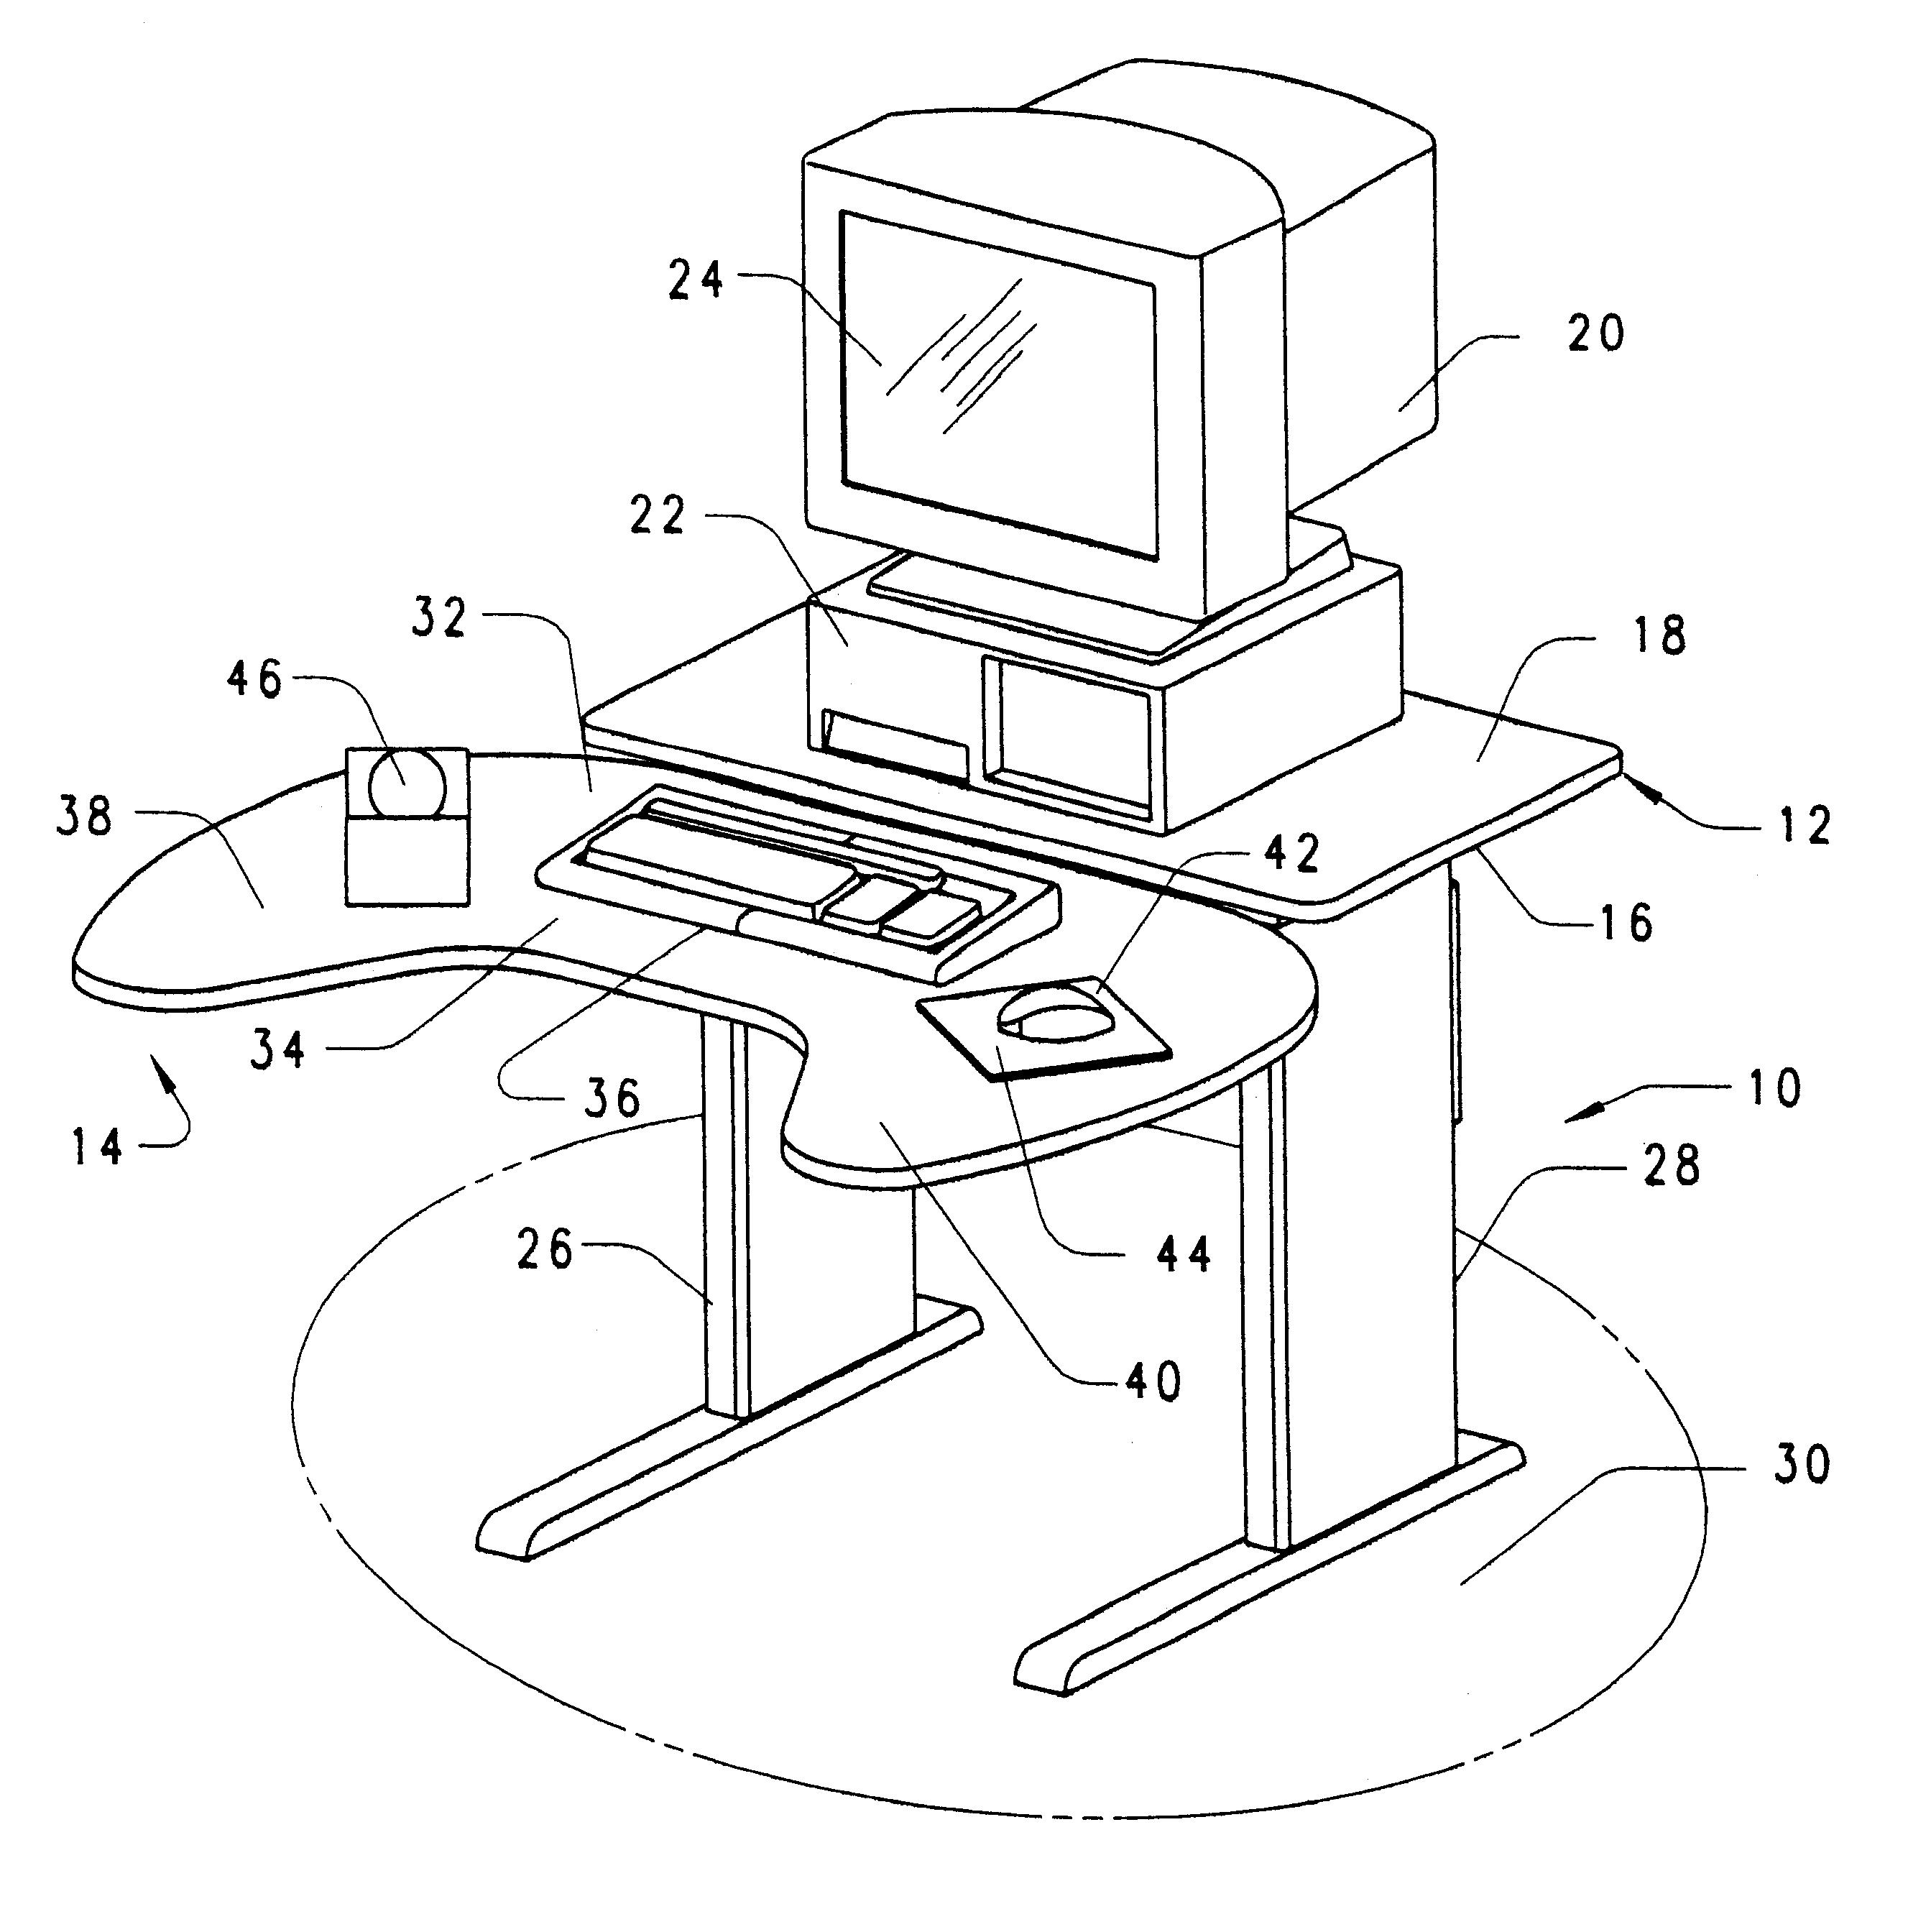 patent us6220181